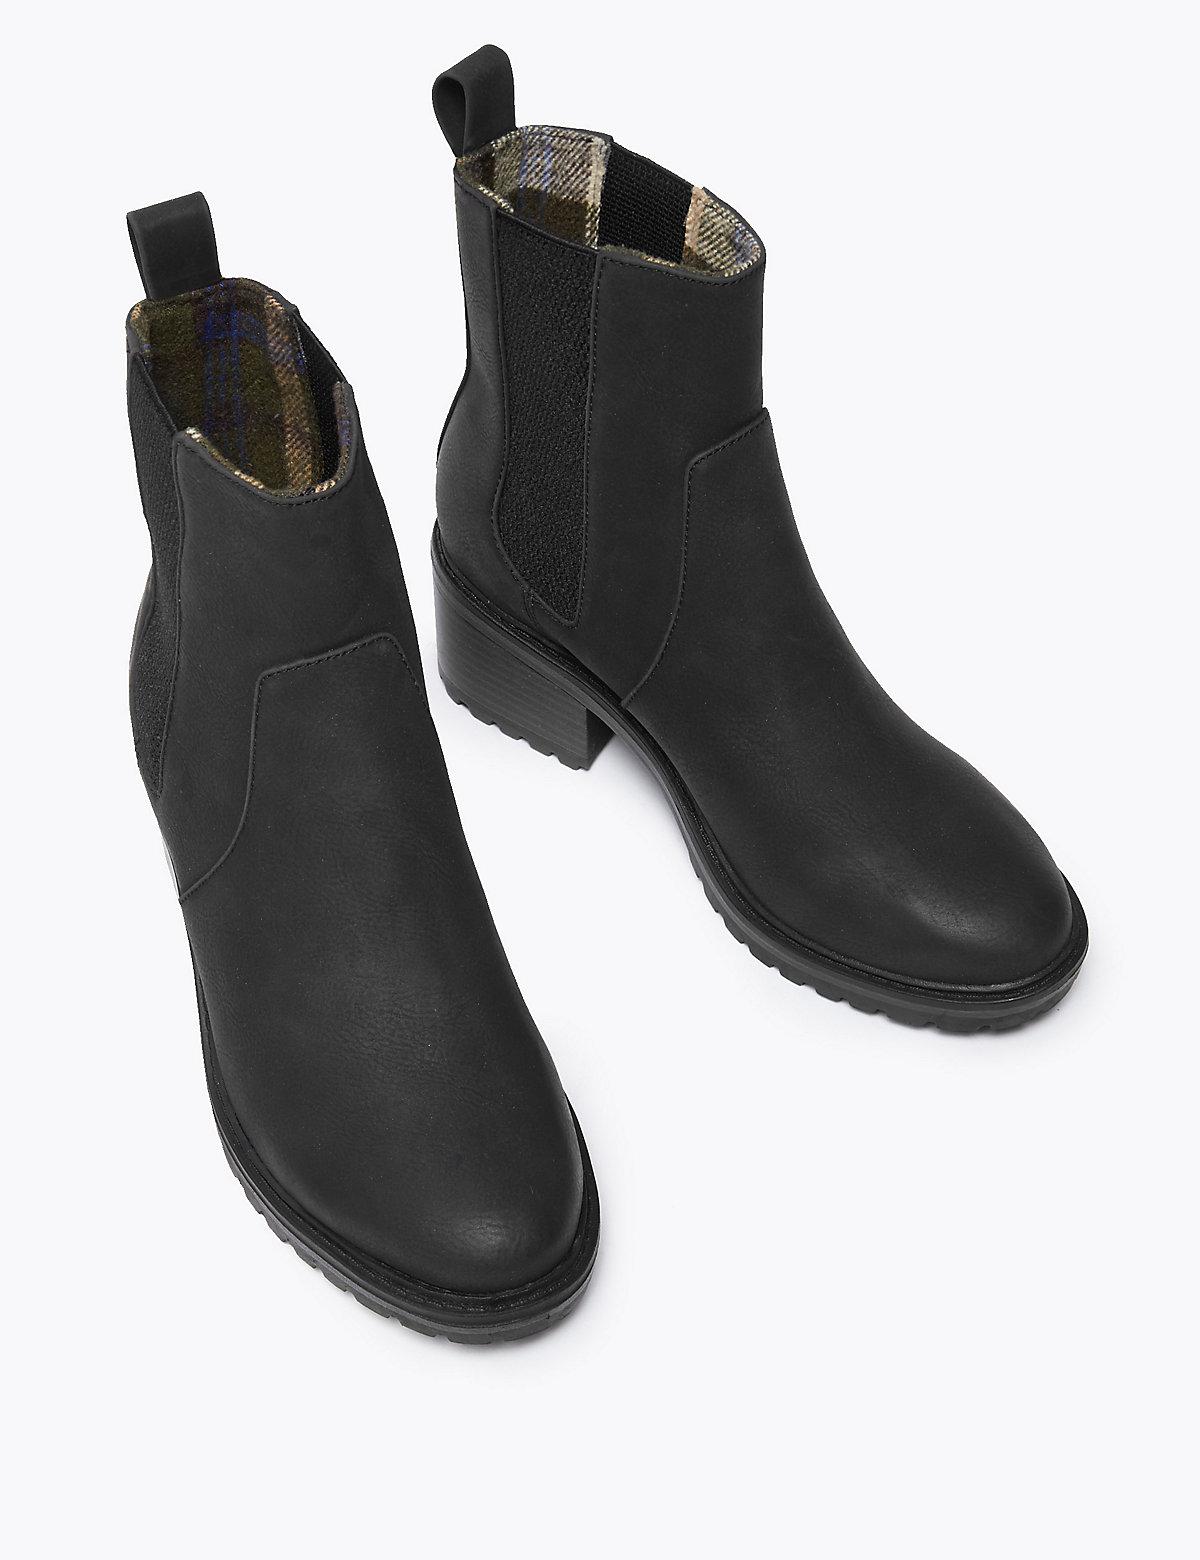 Ботинки Челси на блочном каблуке с боковыми вставками